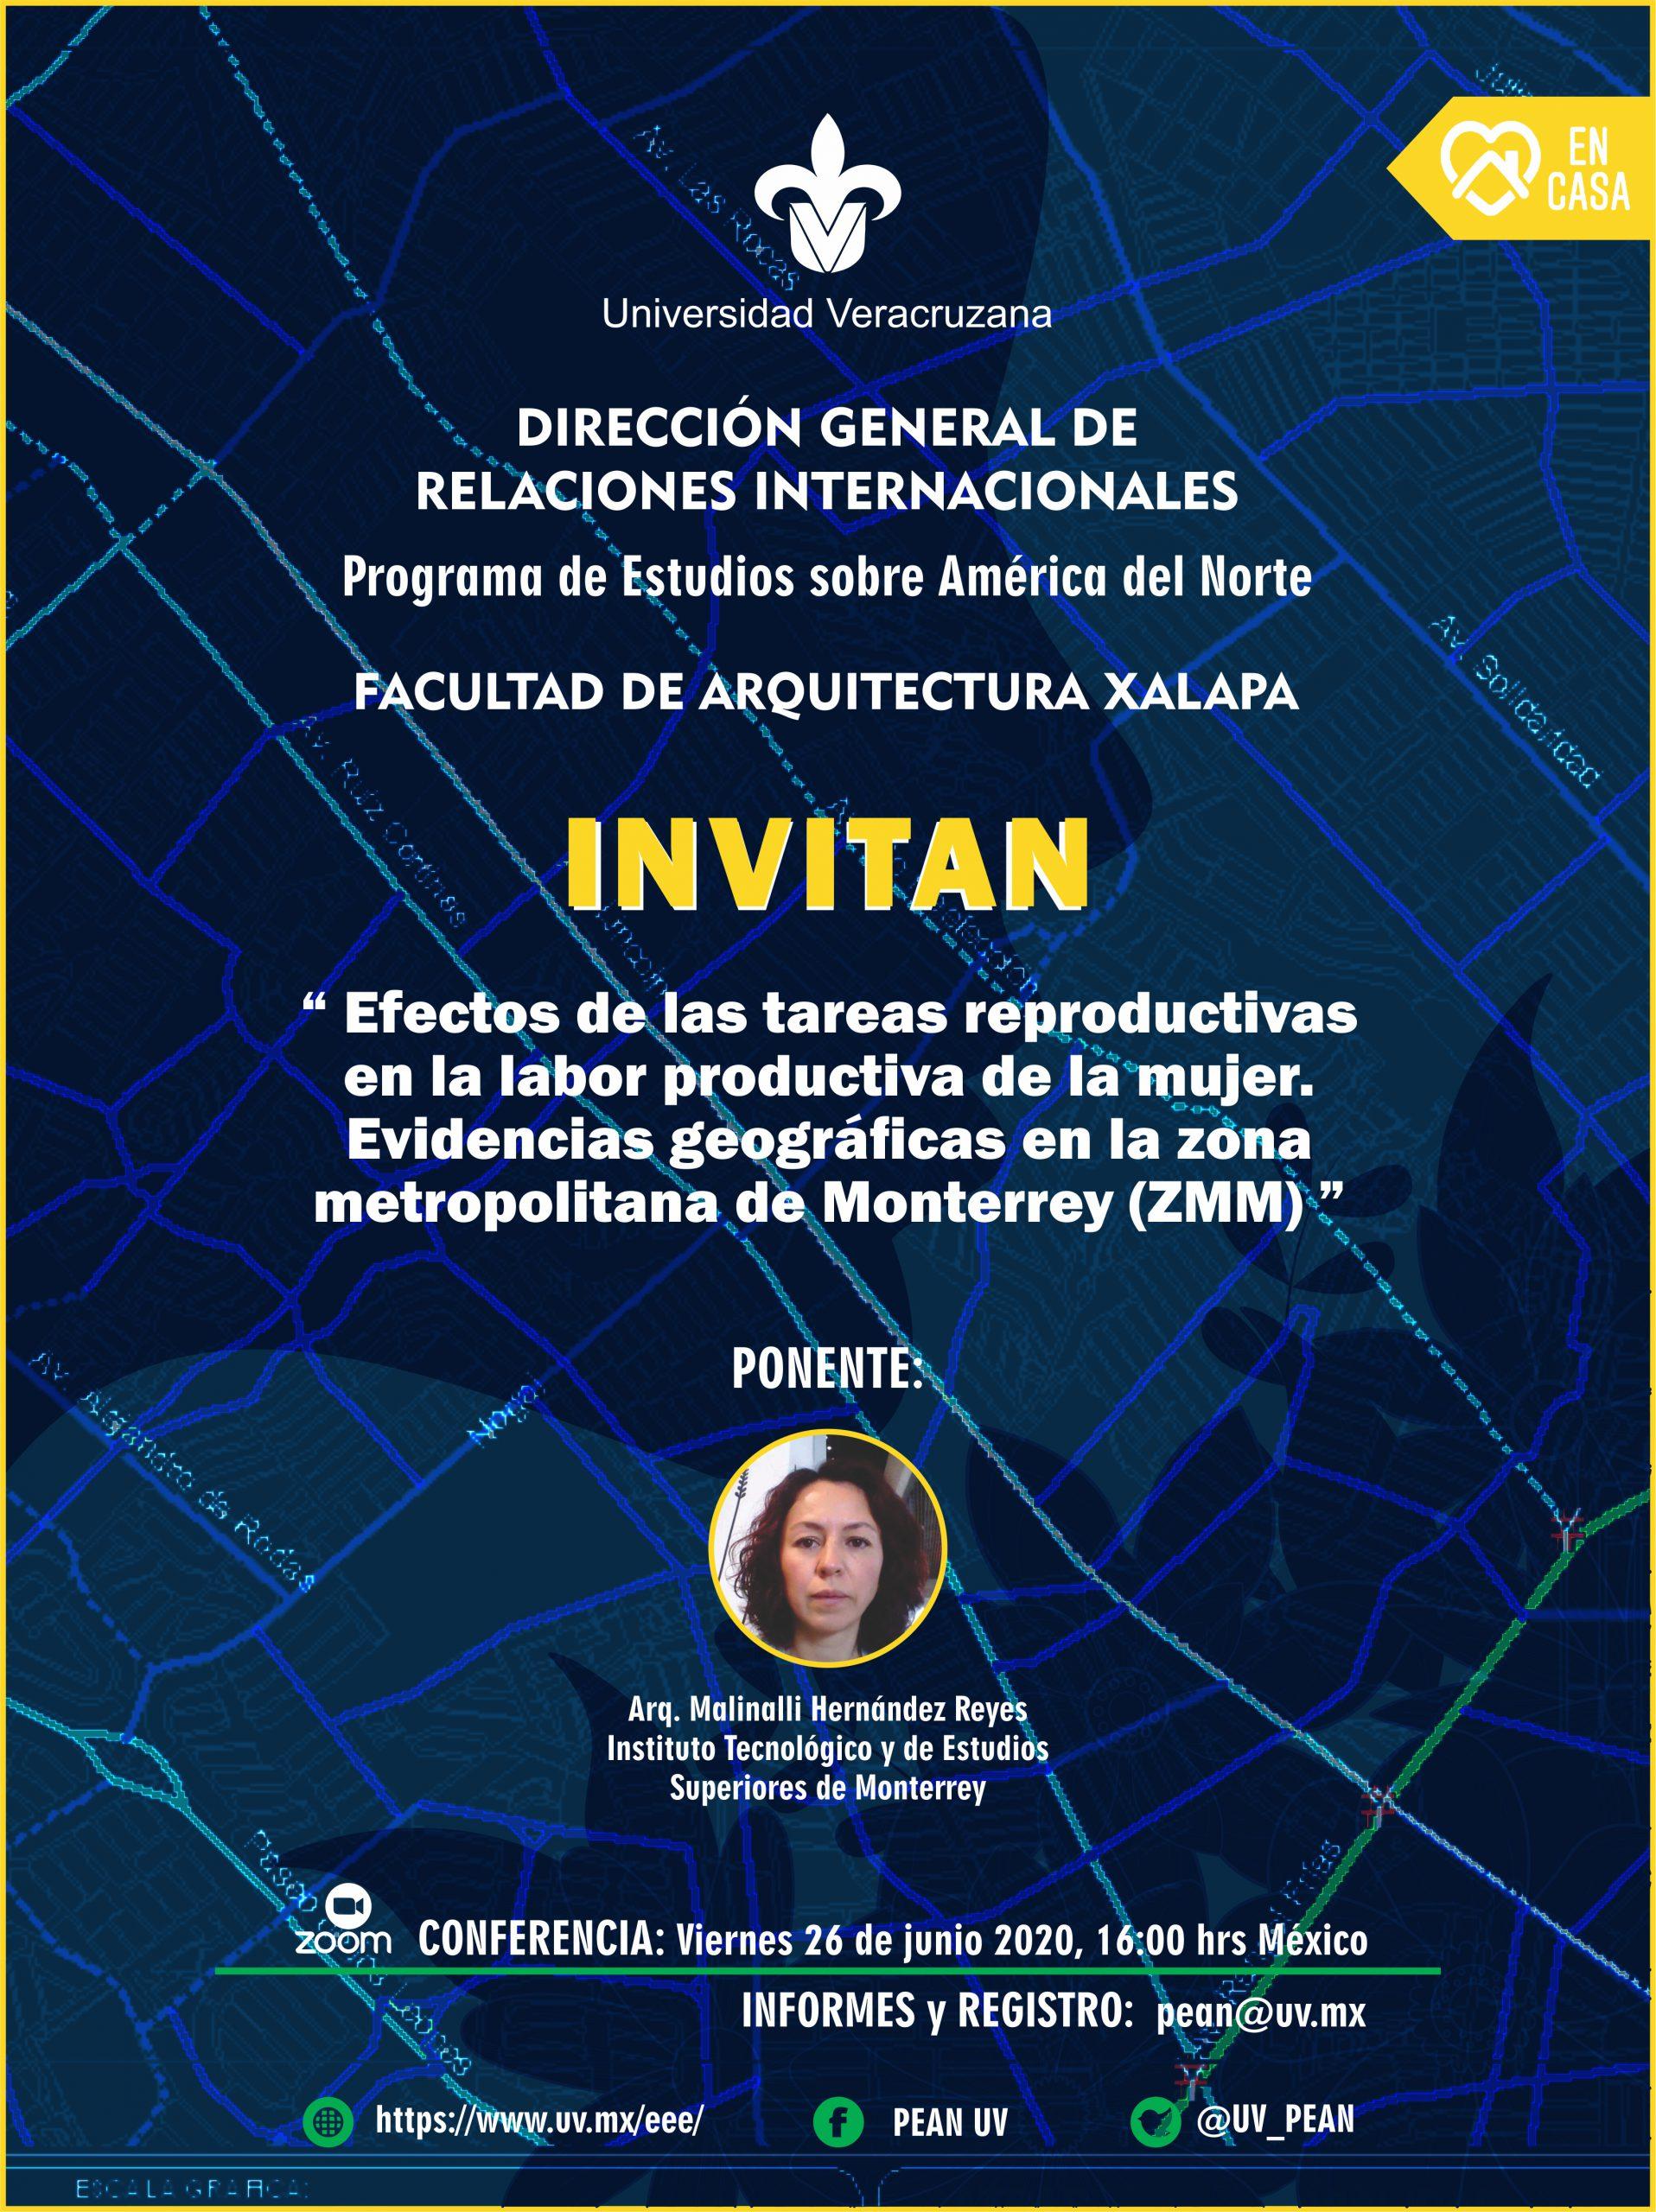 PEAN: Efectos de las tareas productivas en la labor productiva de la mujer. Evidencias geográficas en la zona metropolitana de Monterrey